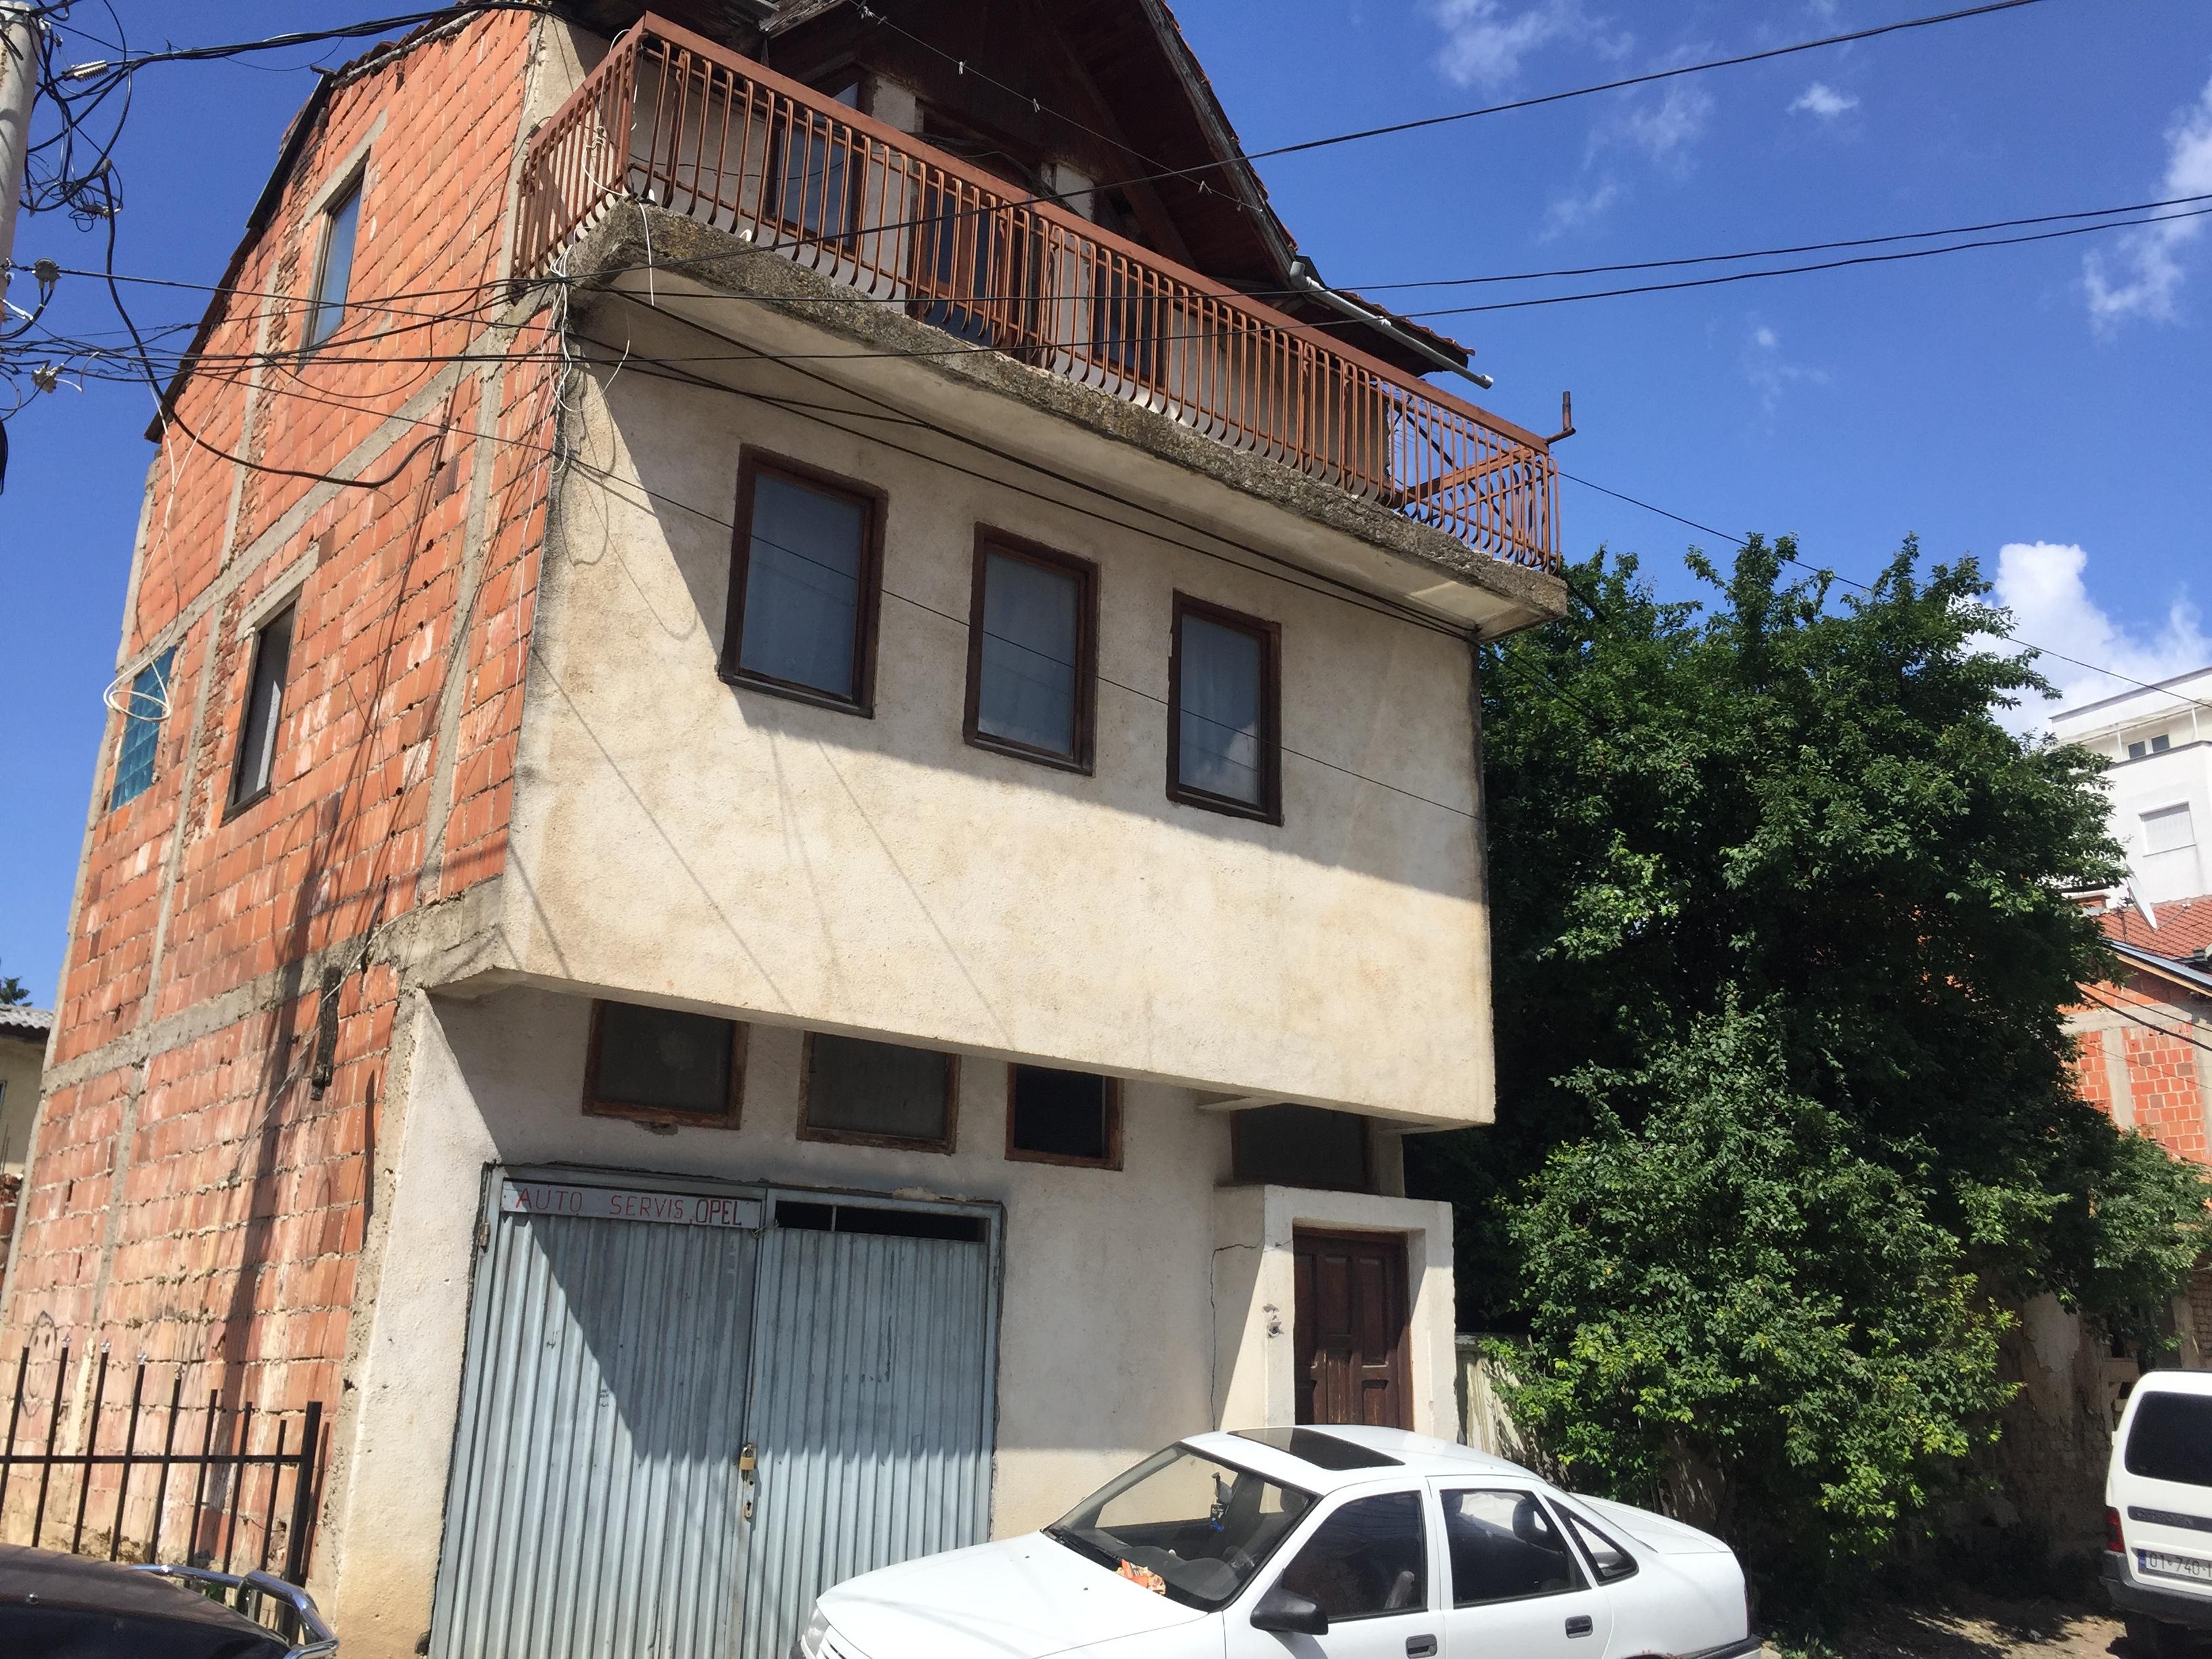 Shitet shtëpia 2 katëshe më 2 Ari Truall në Lagjen Dodona